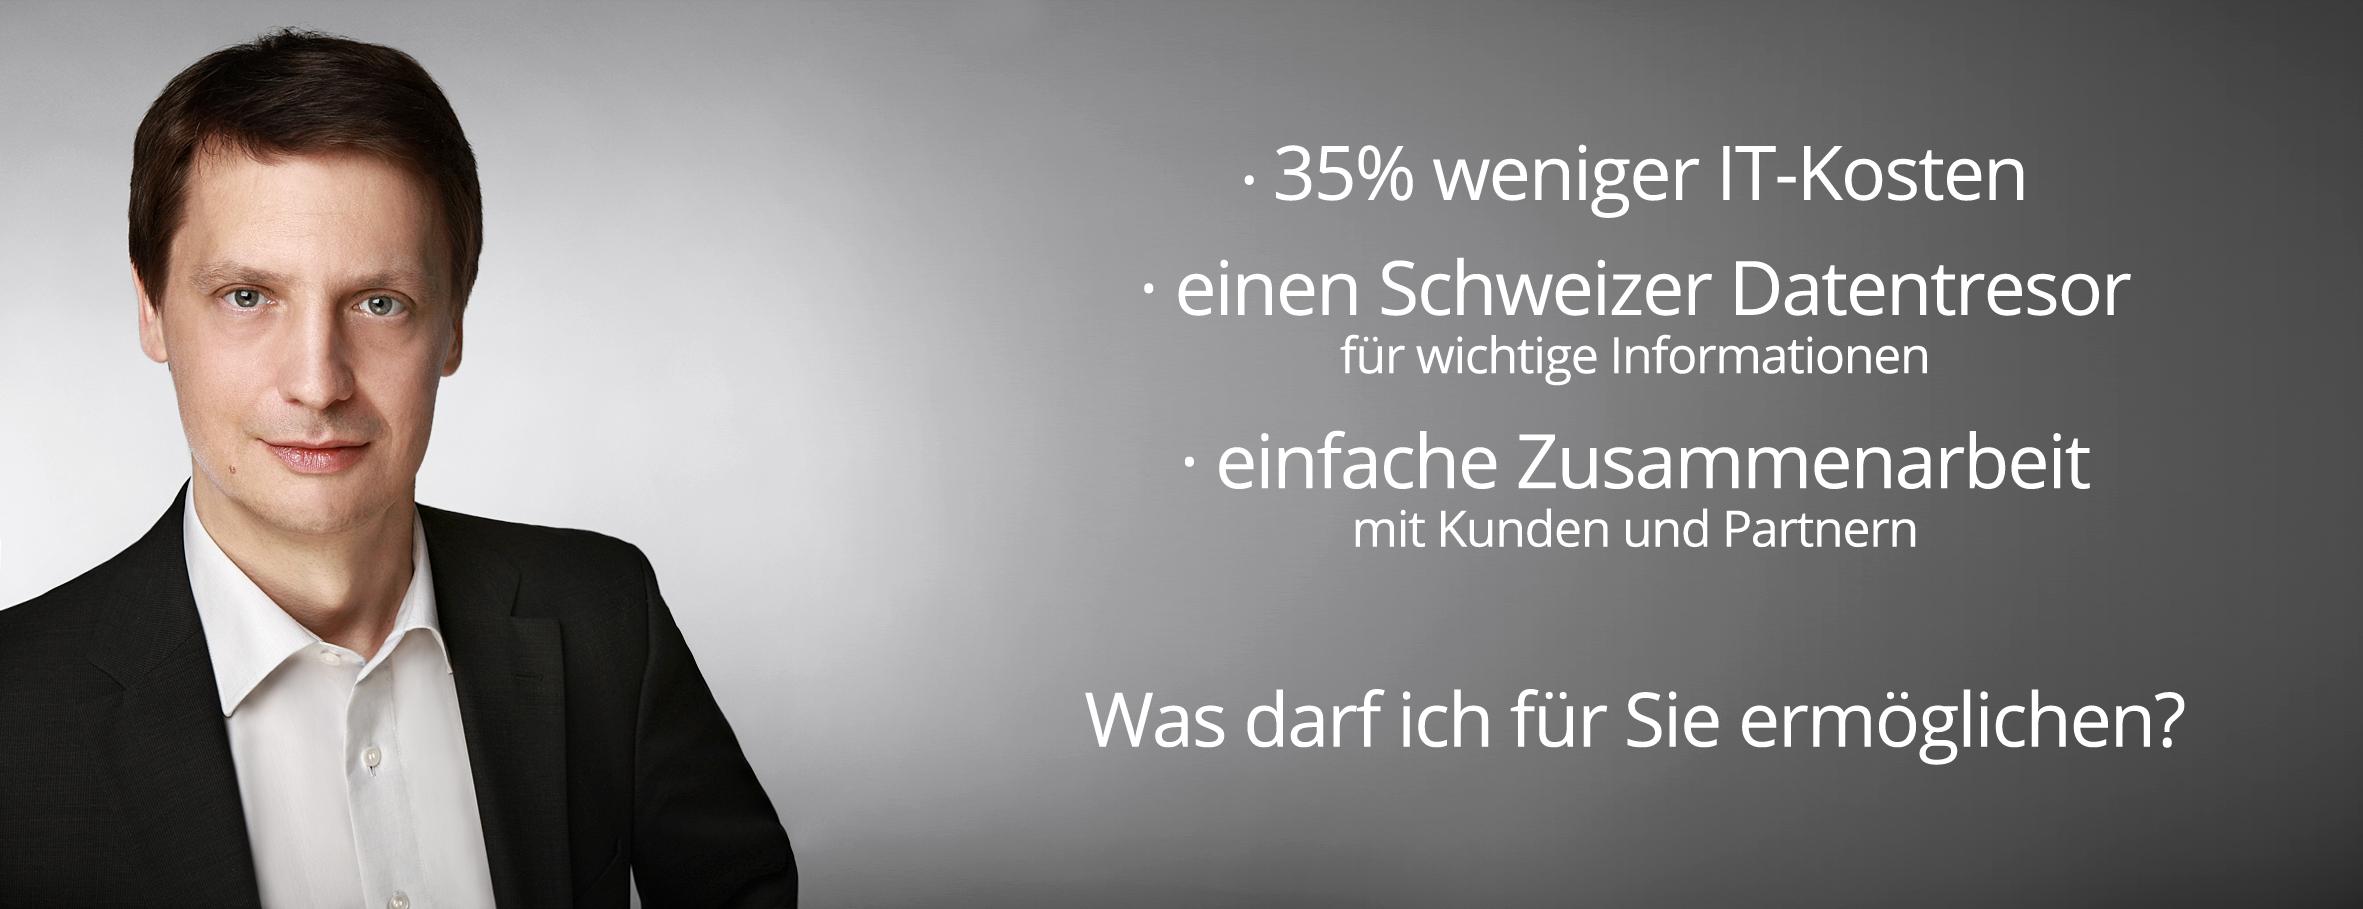 IT-Kosten senken - Daten schützen - Zeit sparen - Zusammenarbeit - CloudCoach.de